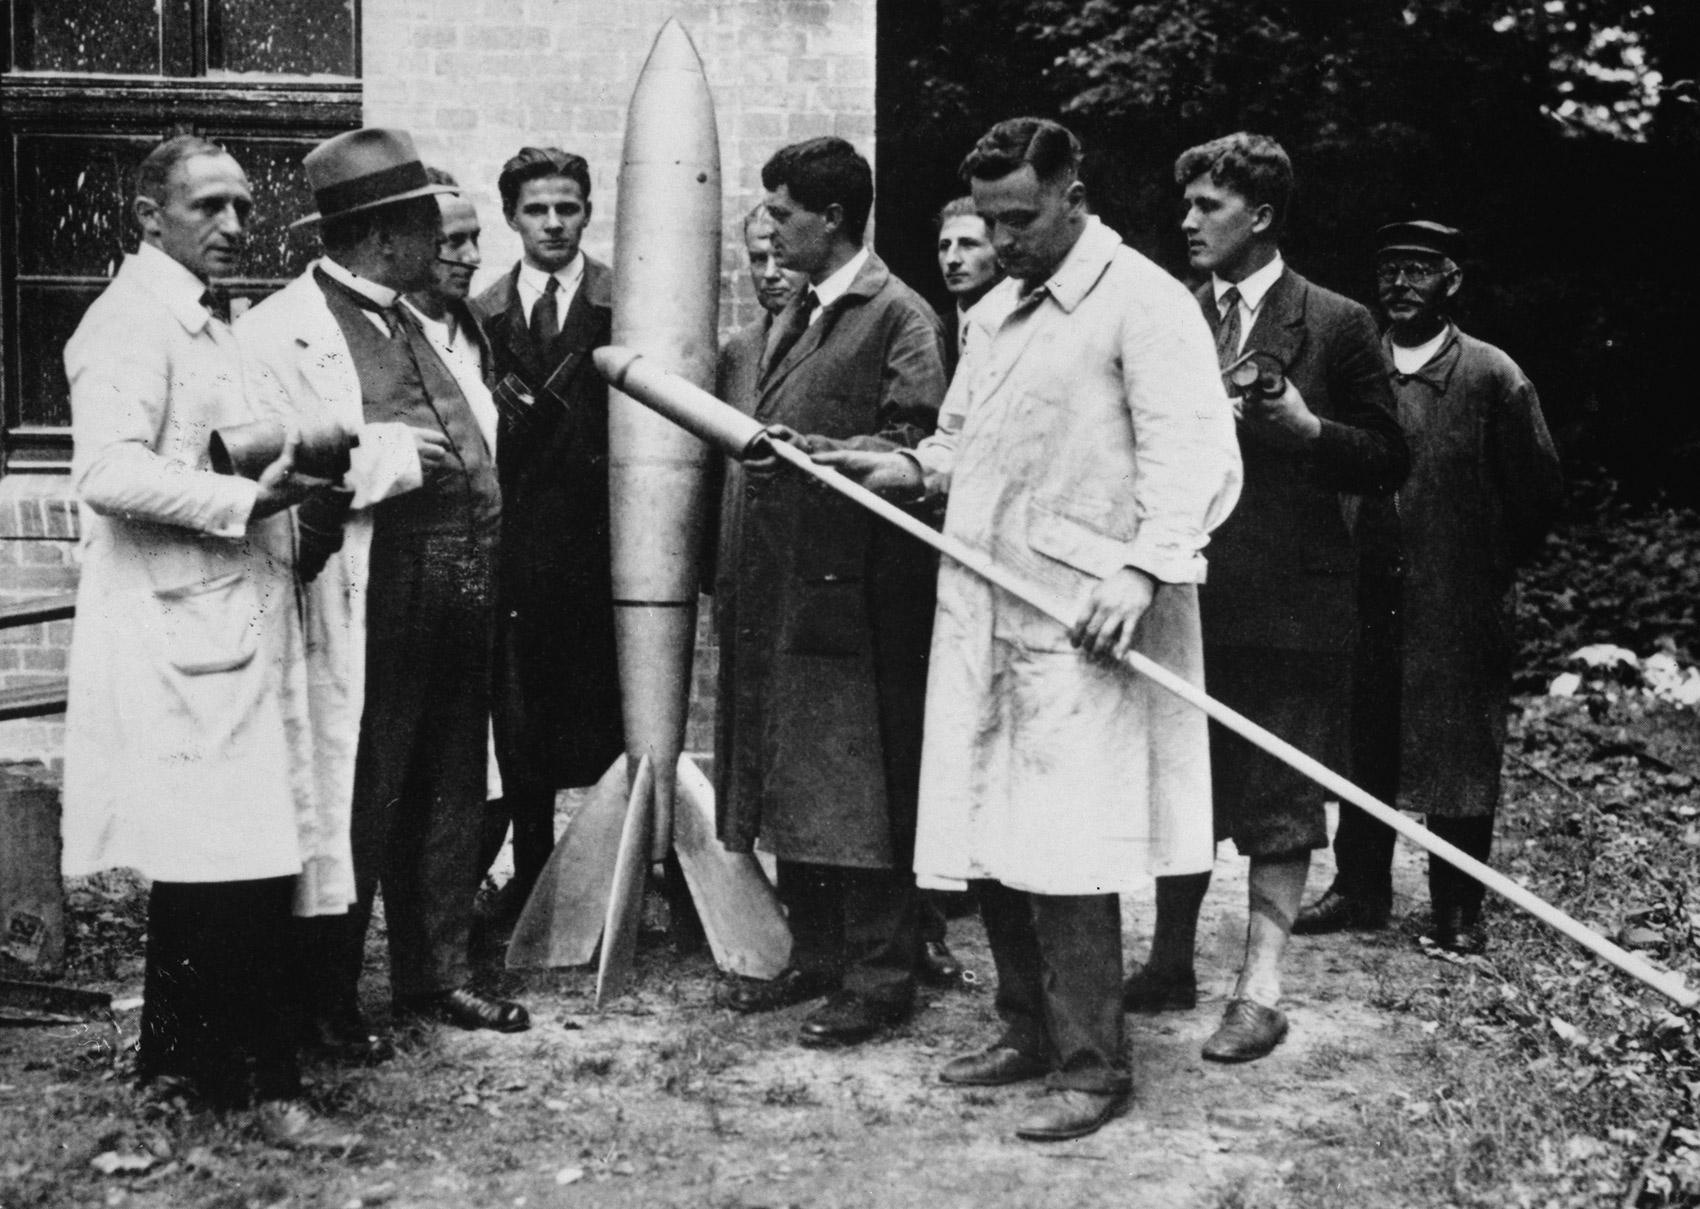 first world war weapons. During the First World War,